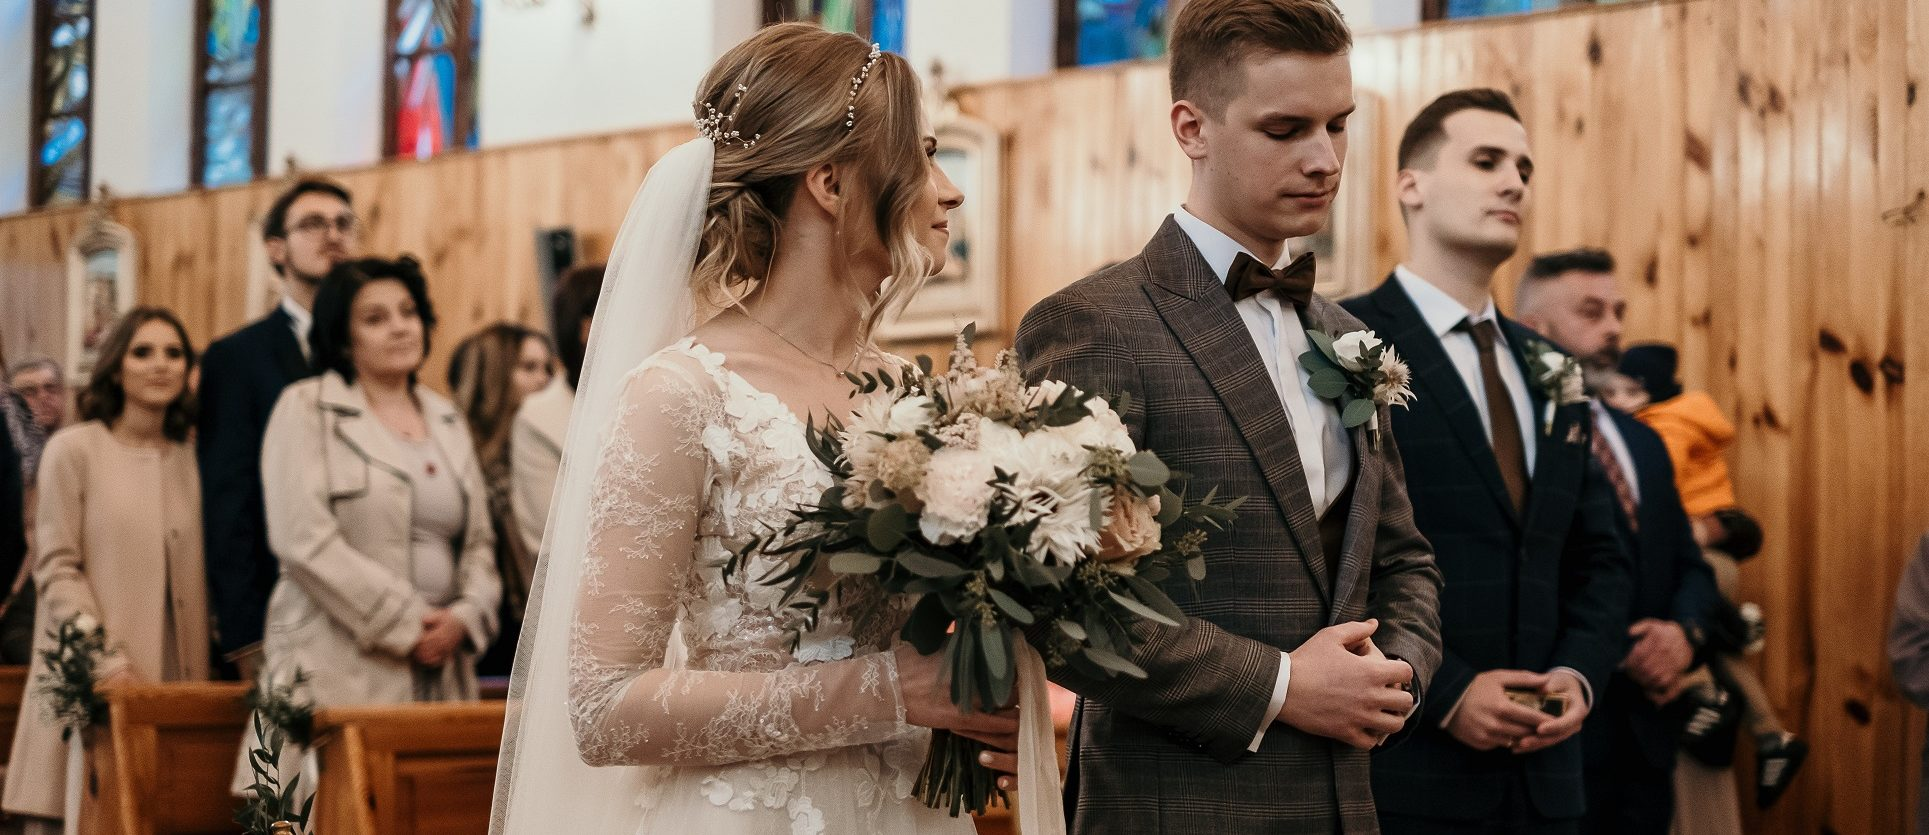 Panna młoda i bukiet ślubny wykonanym przez Kwiaty na okrągło- pracownia florystyczna Warszawa